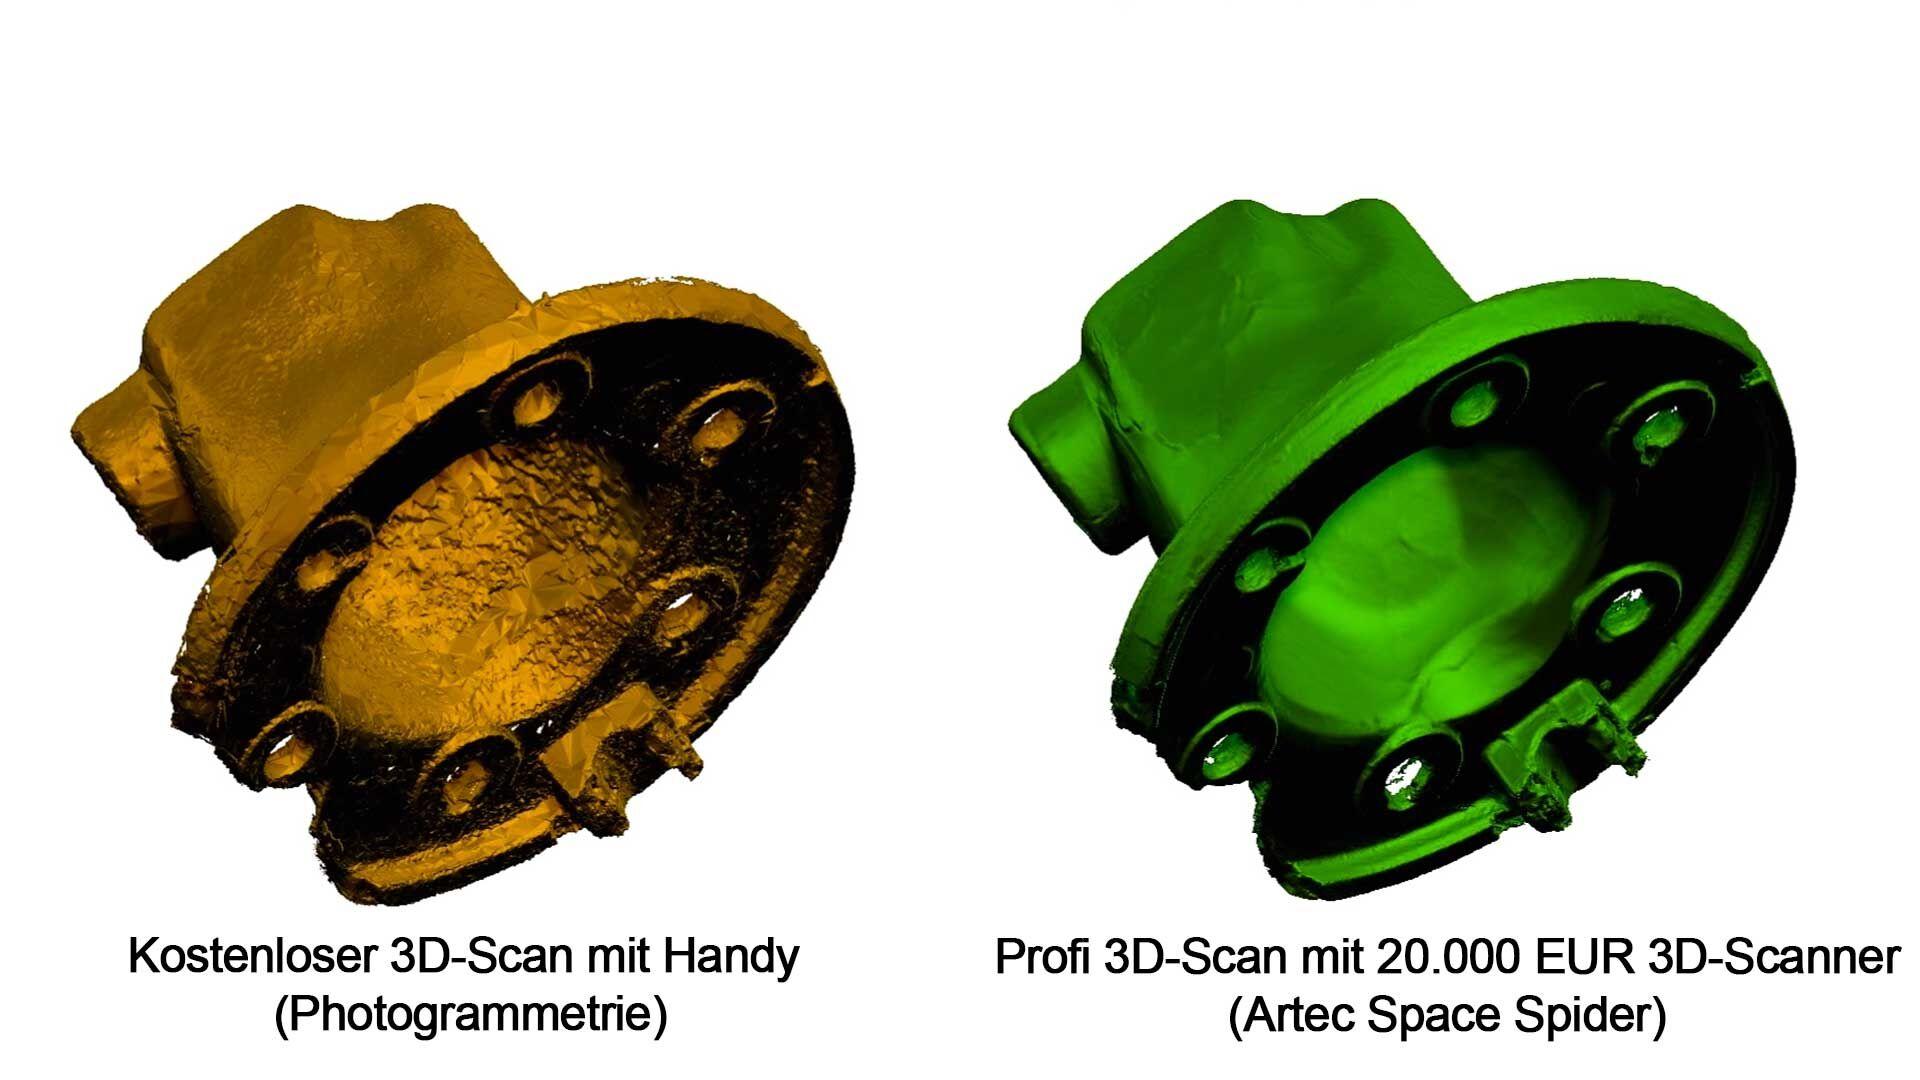 Vergleich kostenloser 3D-Scan mit dem Profi 3D-Scan